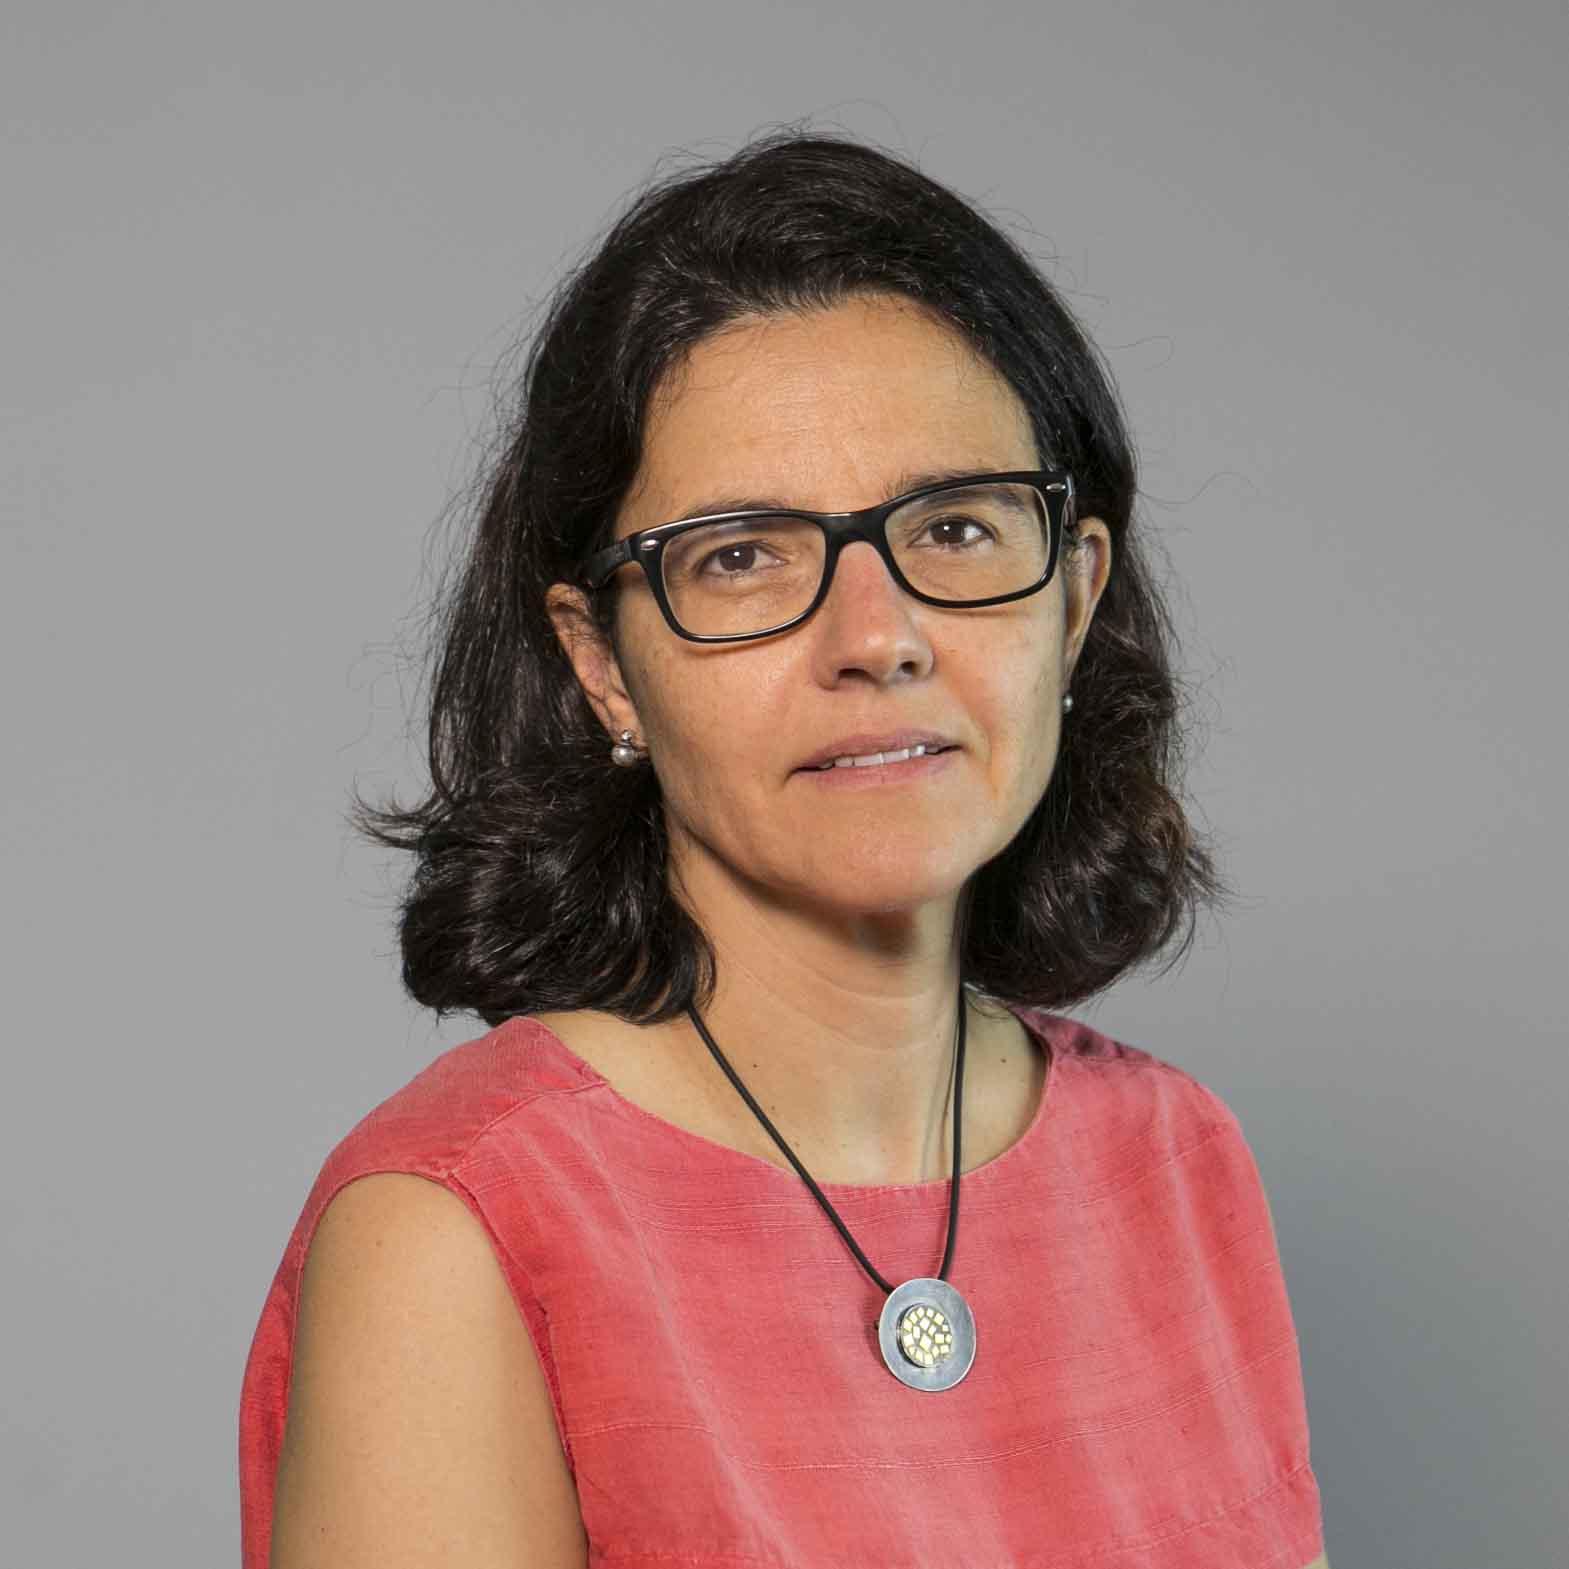 Foto de la professora Mònica Vilasau Solana